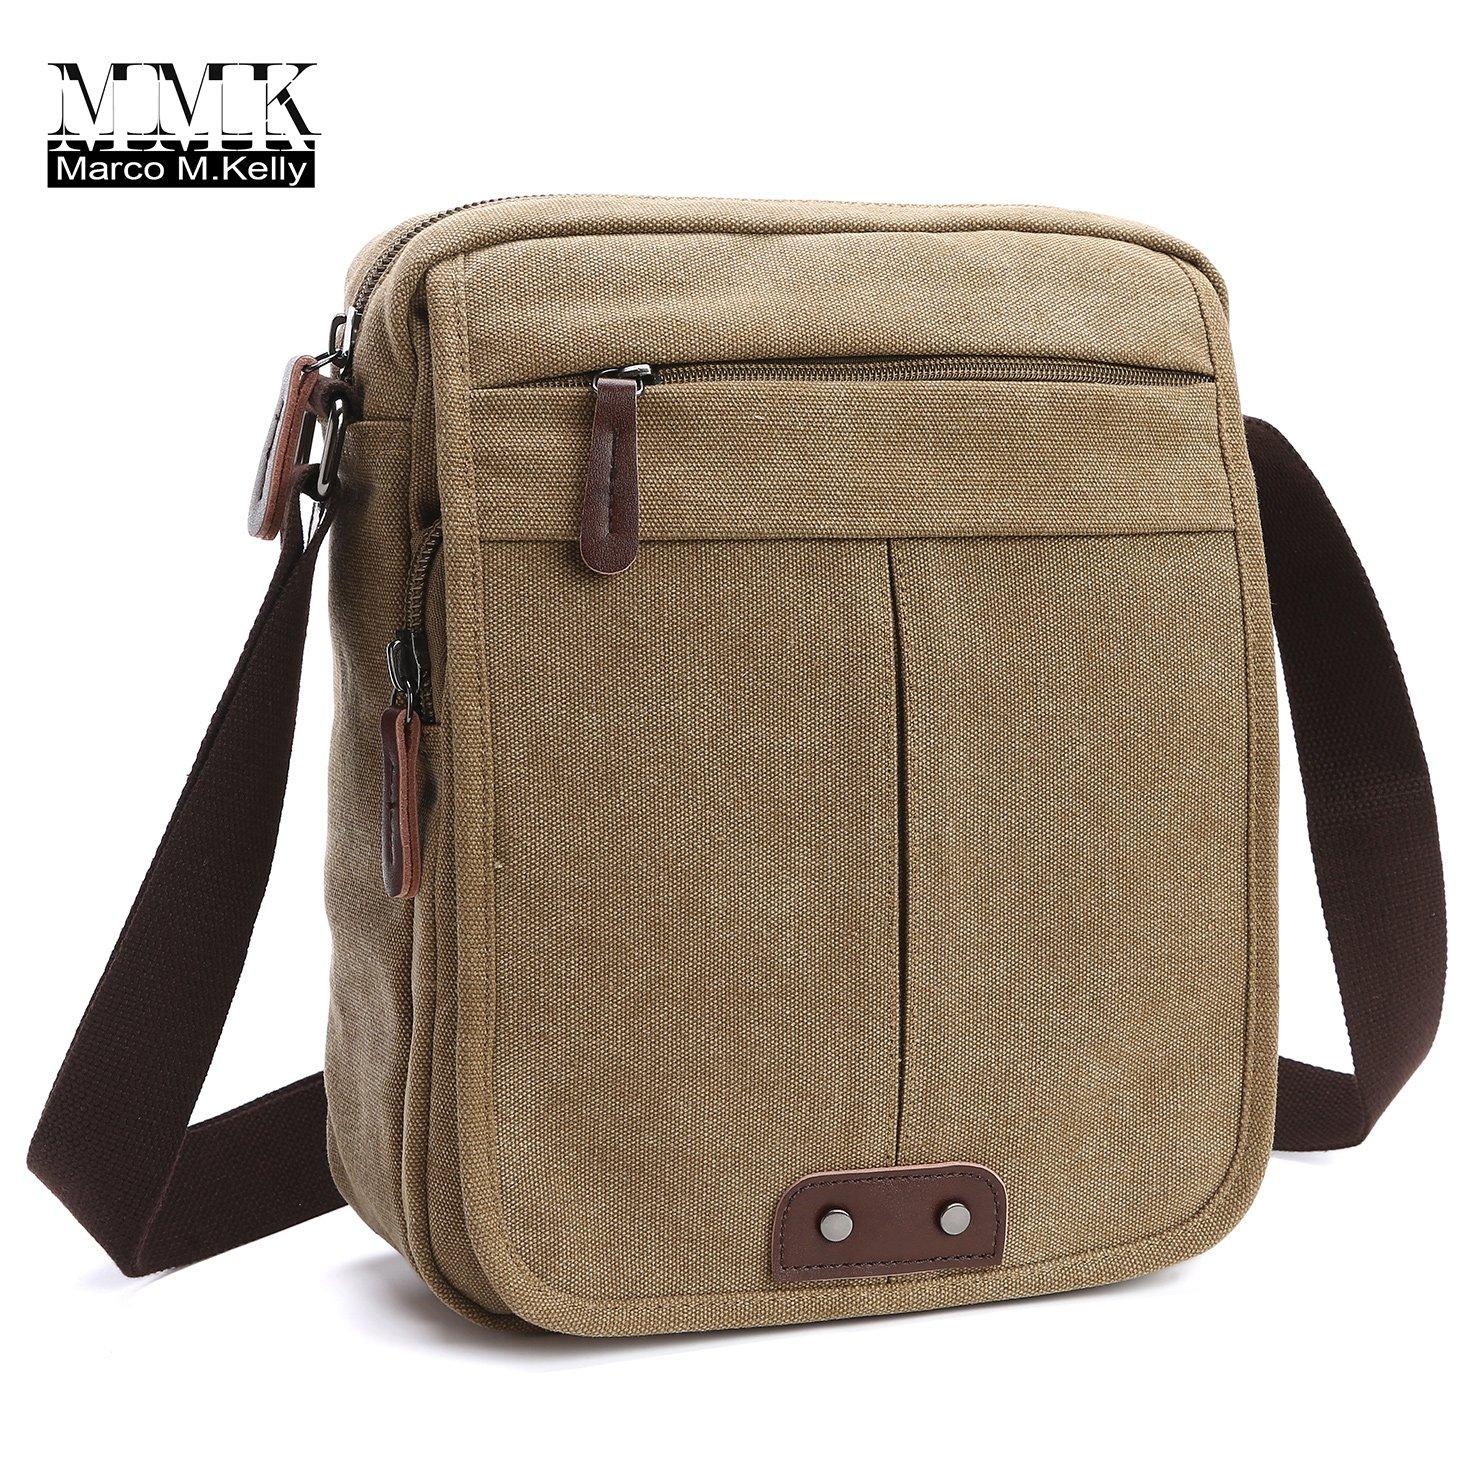 Canvas Leather Messenger Purse Shoulder Bag~Lightweight Crossbody Bag~Book bag ~Functional Multi Vintage Lightweight Casual Shoulder Bag Travel Organizer Bag Multi-pocket Working Bag (MG-8842 Kachi)